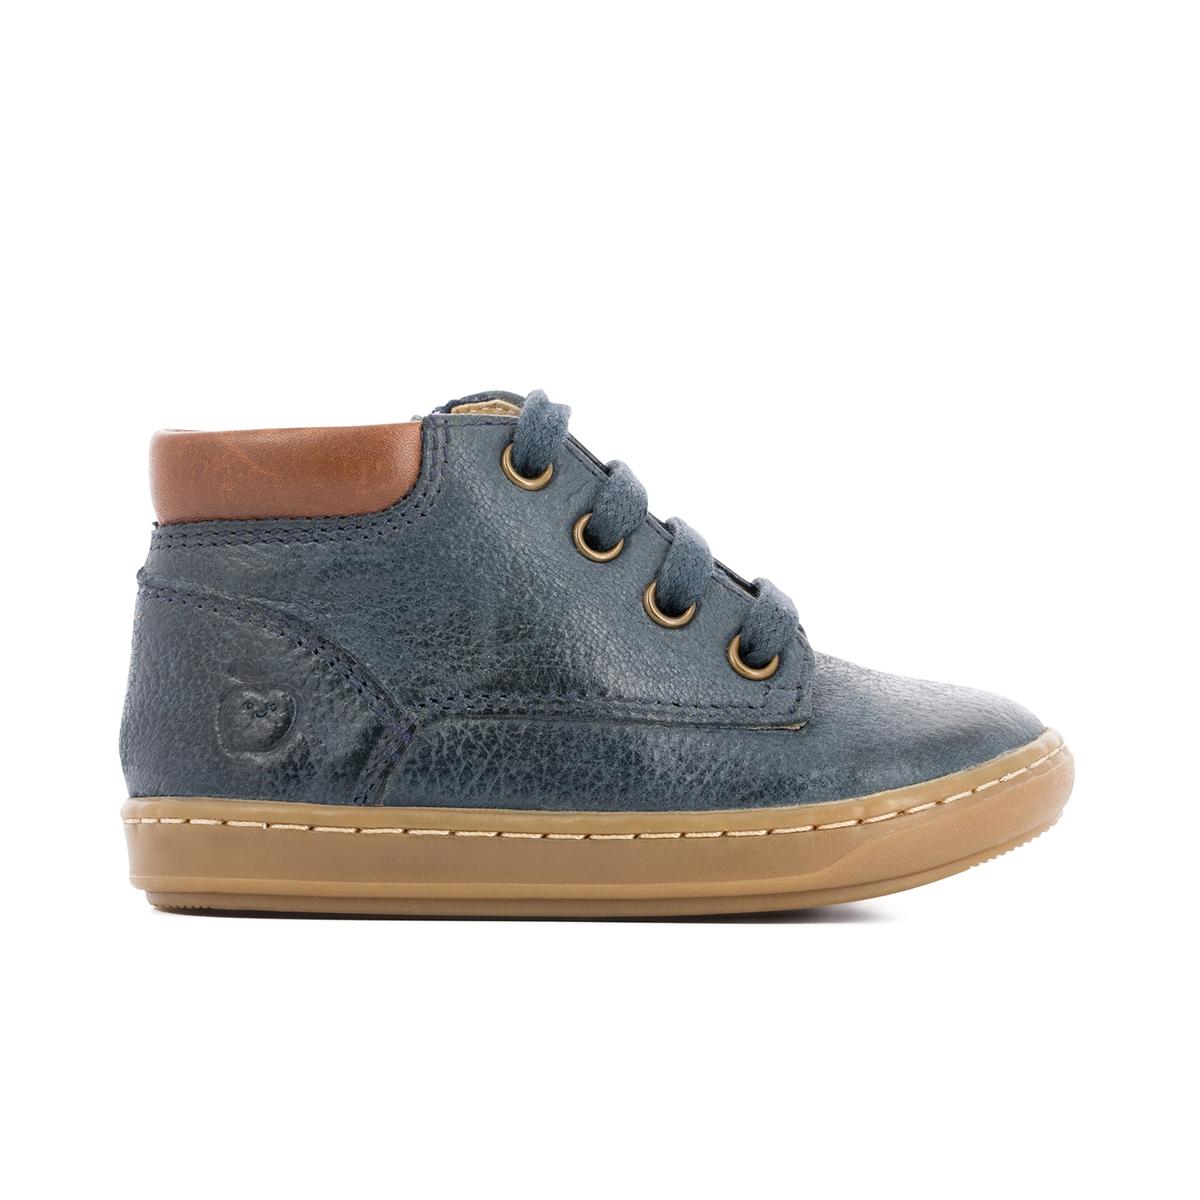 Кеды высокие кожаные BOUBA ZIP DESERTДетали  •  Кеды высокие •  Спортивный стиль •  Плоский каблук •  Высота каблука : 0 см •  Застежка : шнуровкаСостав и уход  •  Верх 100% нубук •  Подкладка 100% кожа •  Стелька 100% кожа •  Подошва 100% каучук<br><br>Цвет: темно-синий